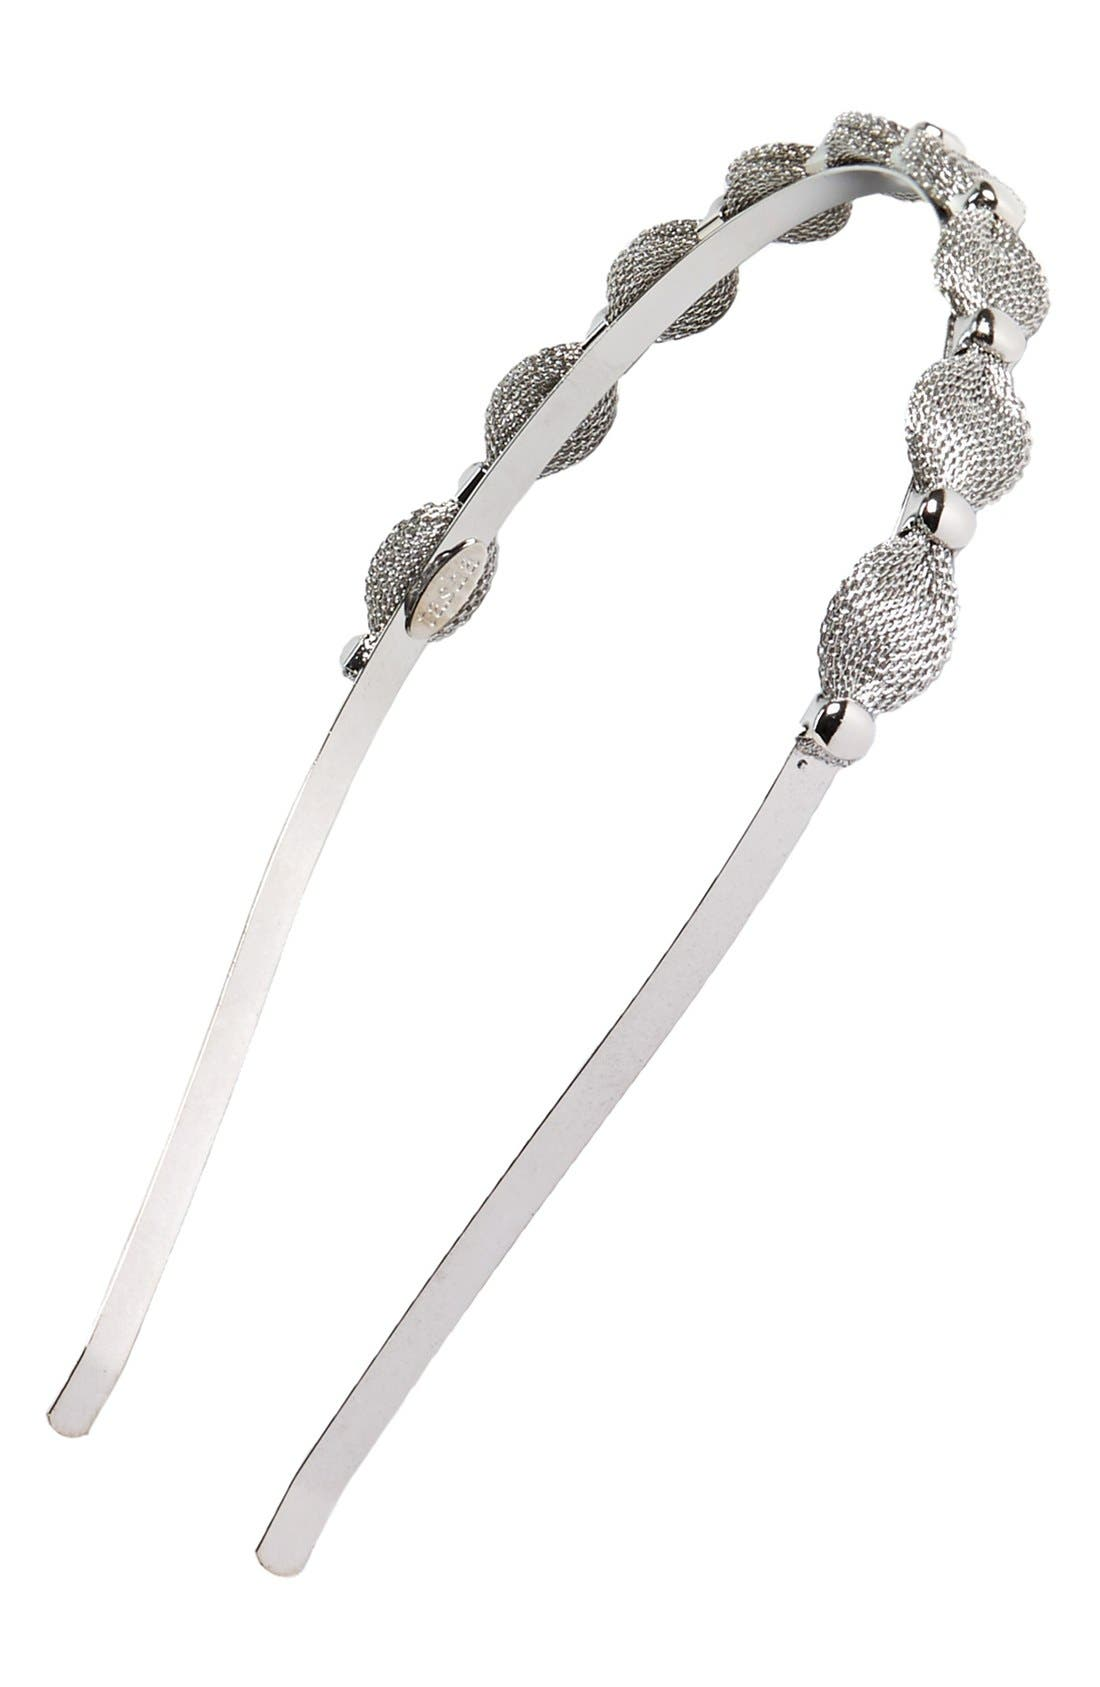 Alternate Image 1 Selected - Tasha Metallic Mesh Headband